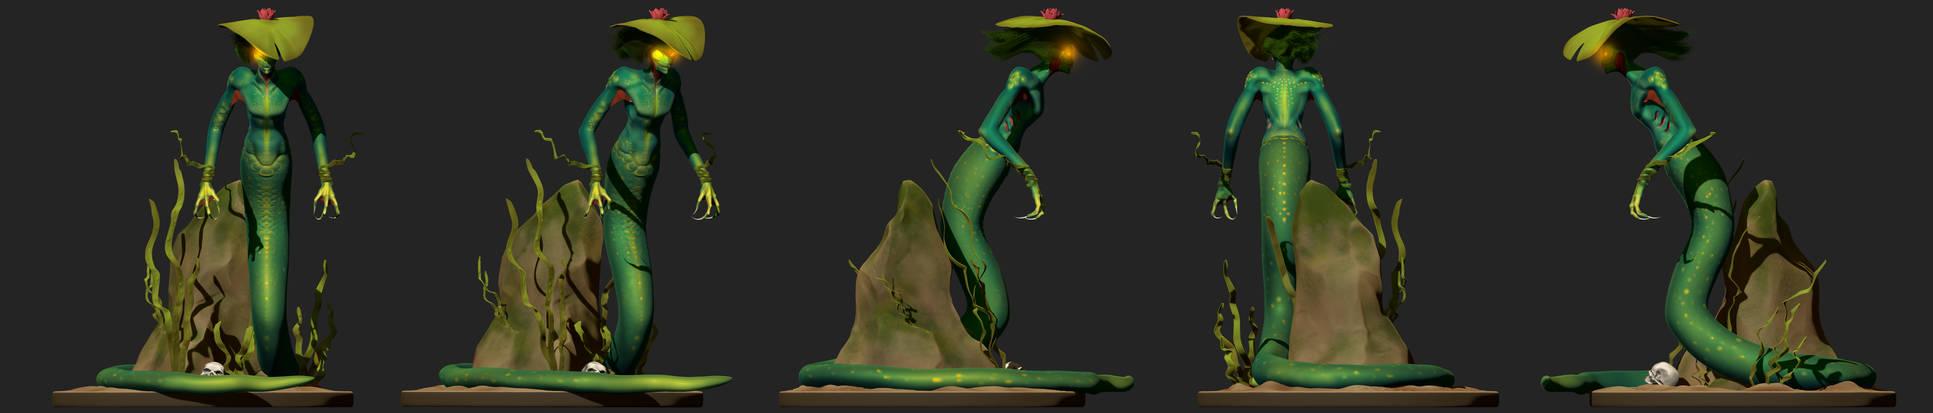 Swamp Mermaid Diorama